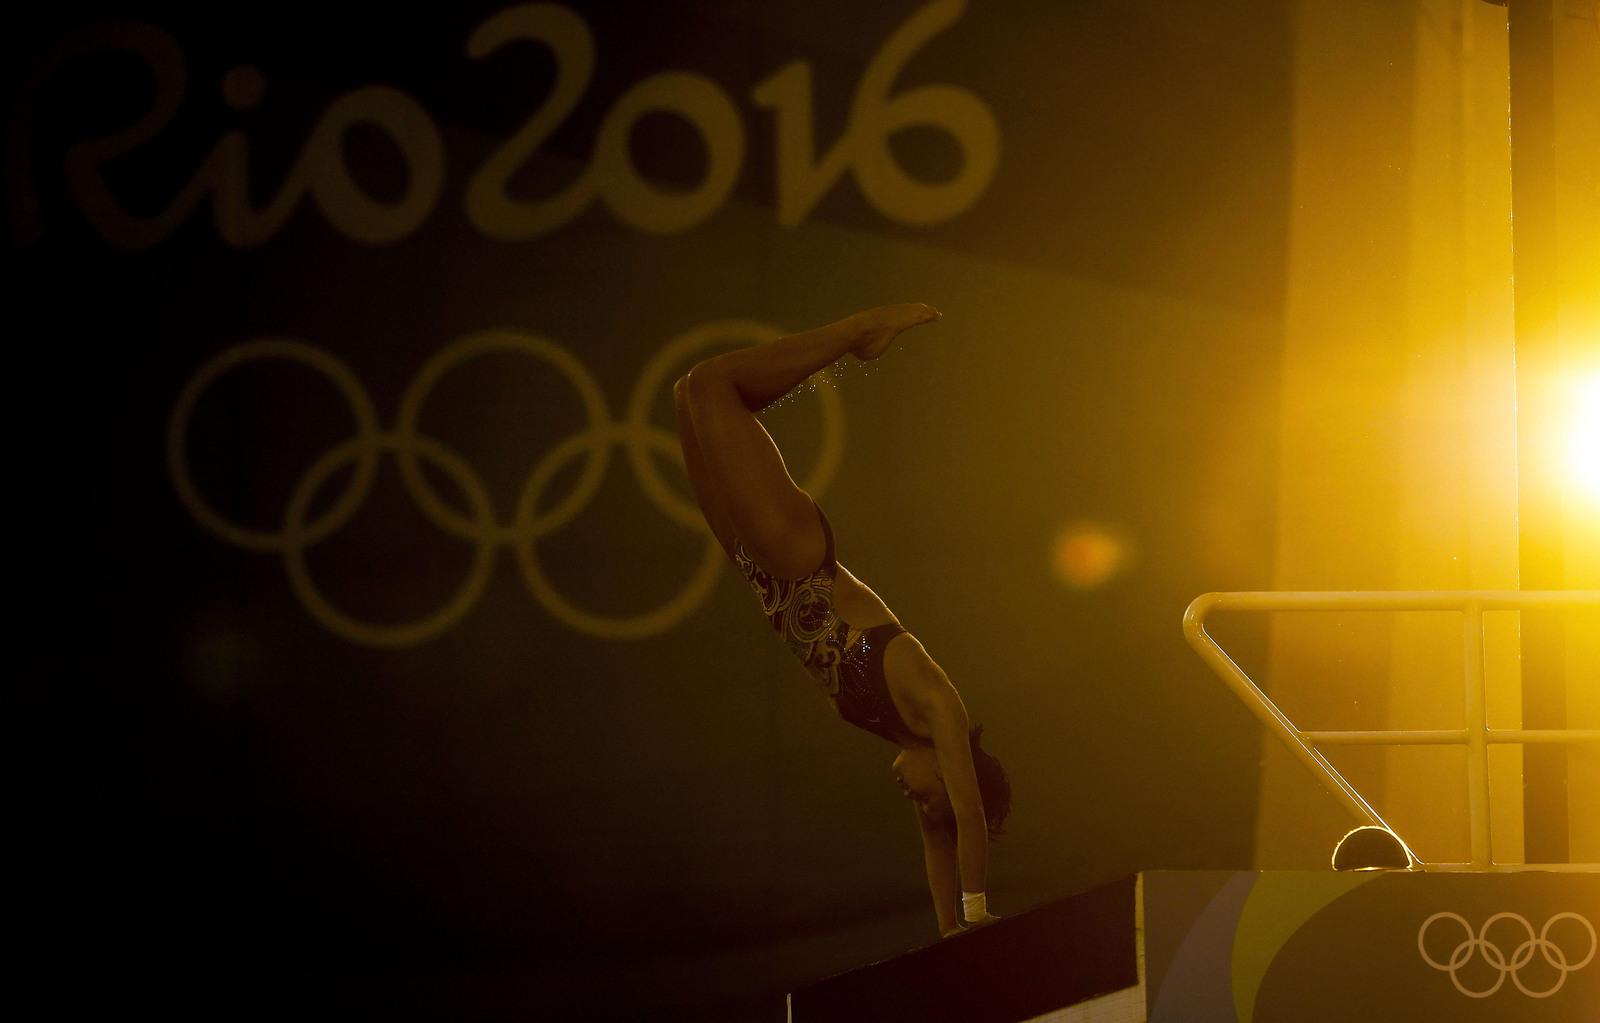 Рен Куан из Китая совершает свой прыжок в воду